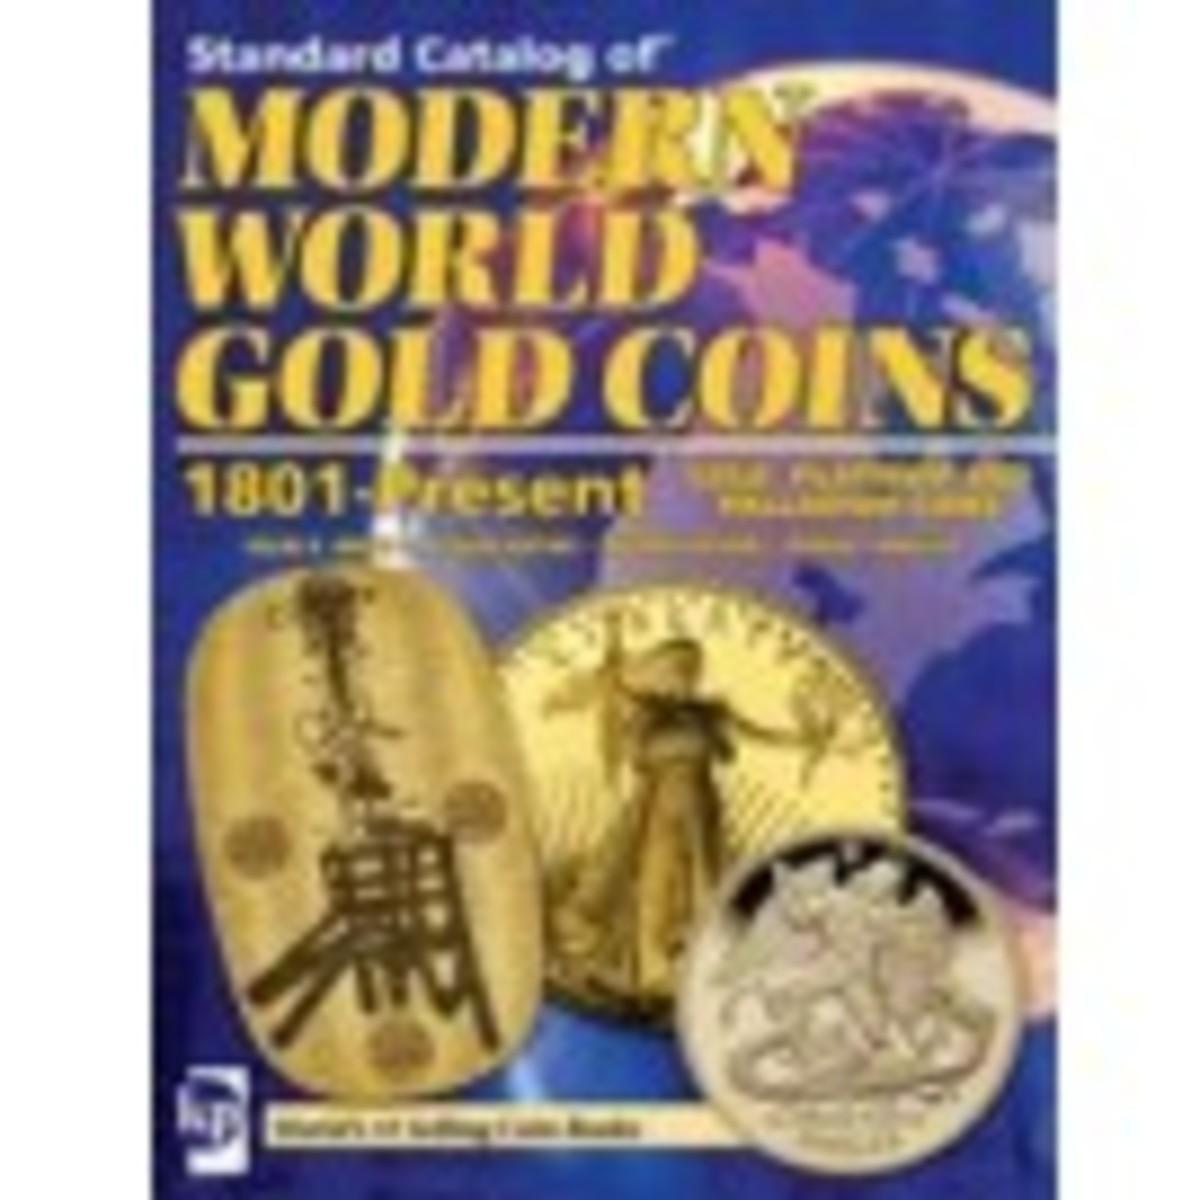 Standard Catalog of Modern World Gold Coins